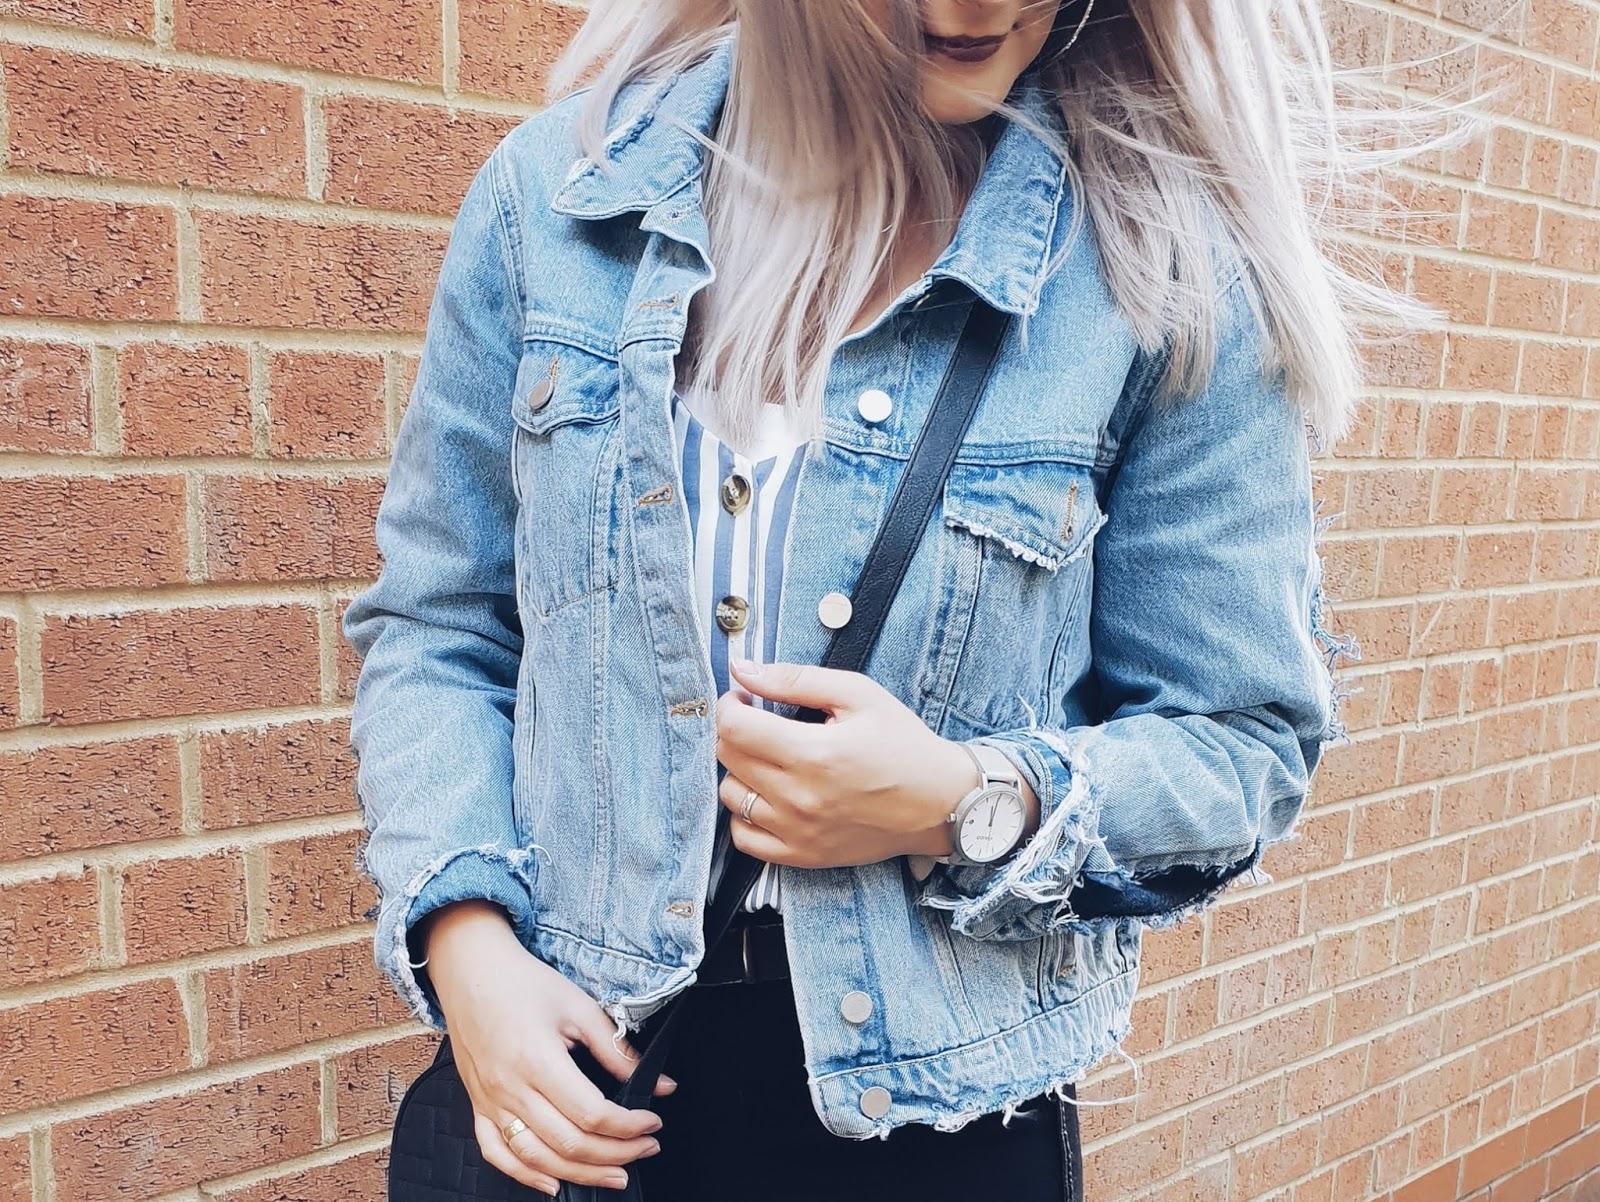 Denim jacket & high heels czyli niezobowiązująca stylizacja na wieczorne wyjście